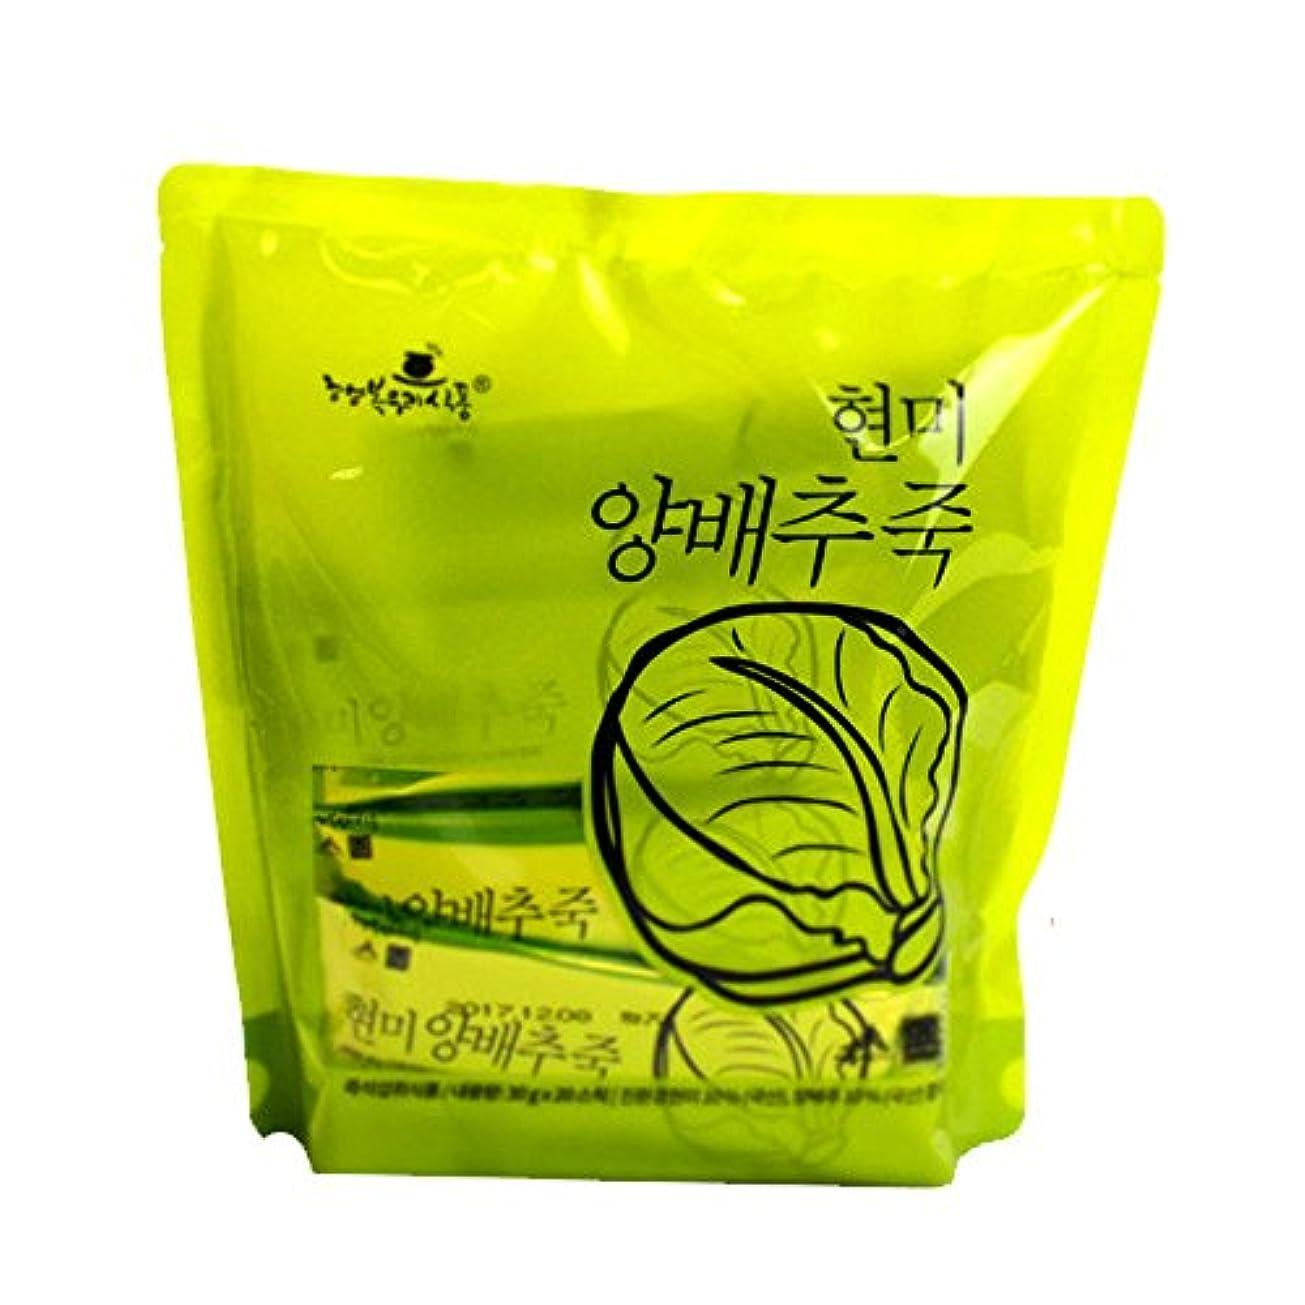 広範囲に金属非効率的な1袋110Kcalのお手軽インスタント韓国粥/玄米白菜粥(30g×20袋)